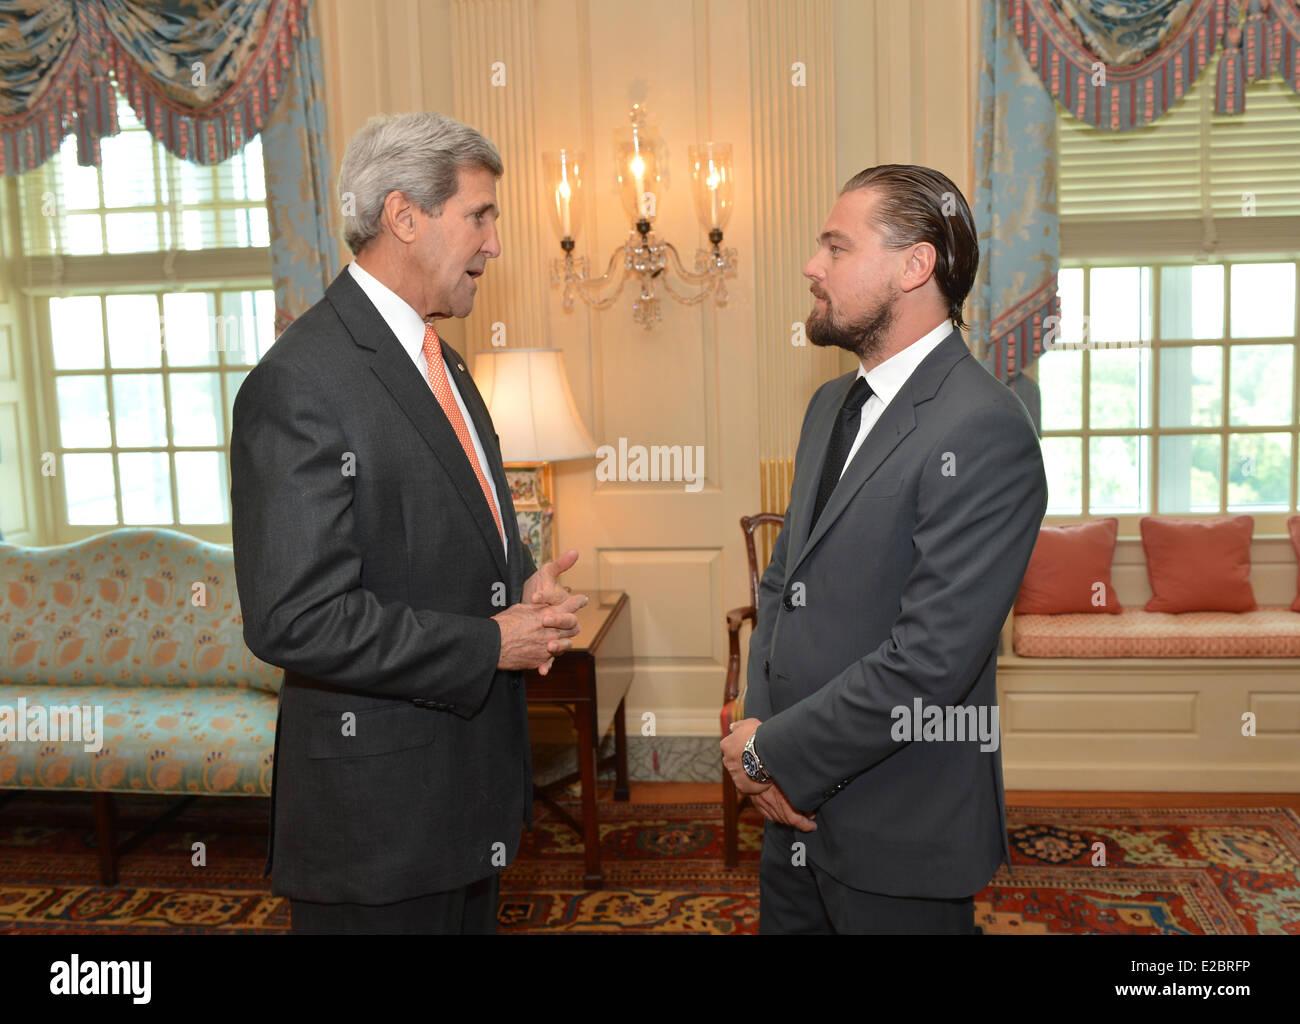 ¿Cuánto mide Leonardo DiCaprio? - Real height Us-secretary-of-state-john-kerry-meets-with-actor-leonardo-dicaprio-E2BRFP